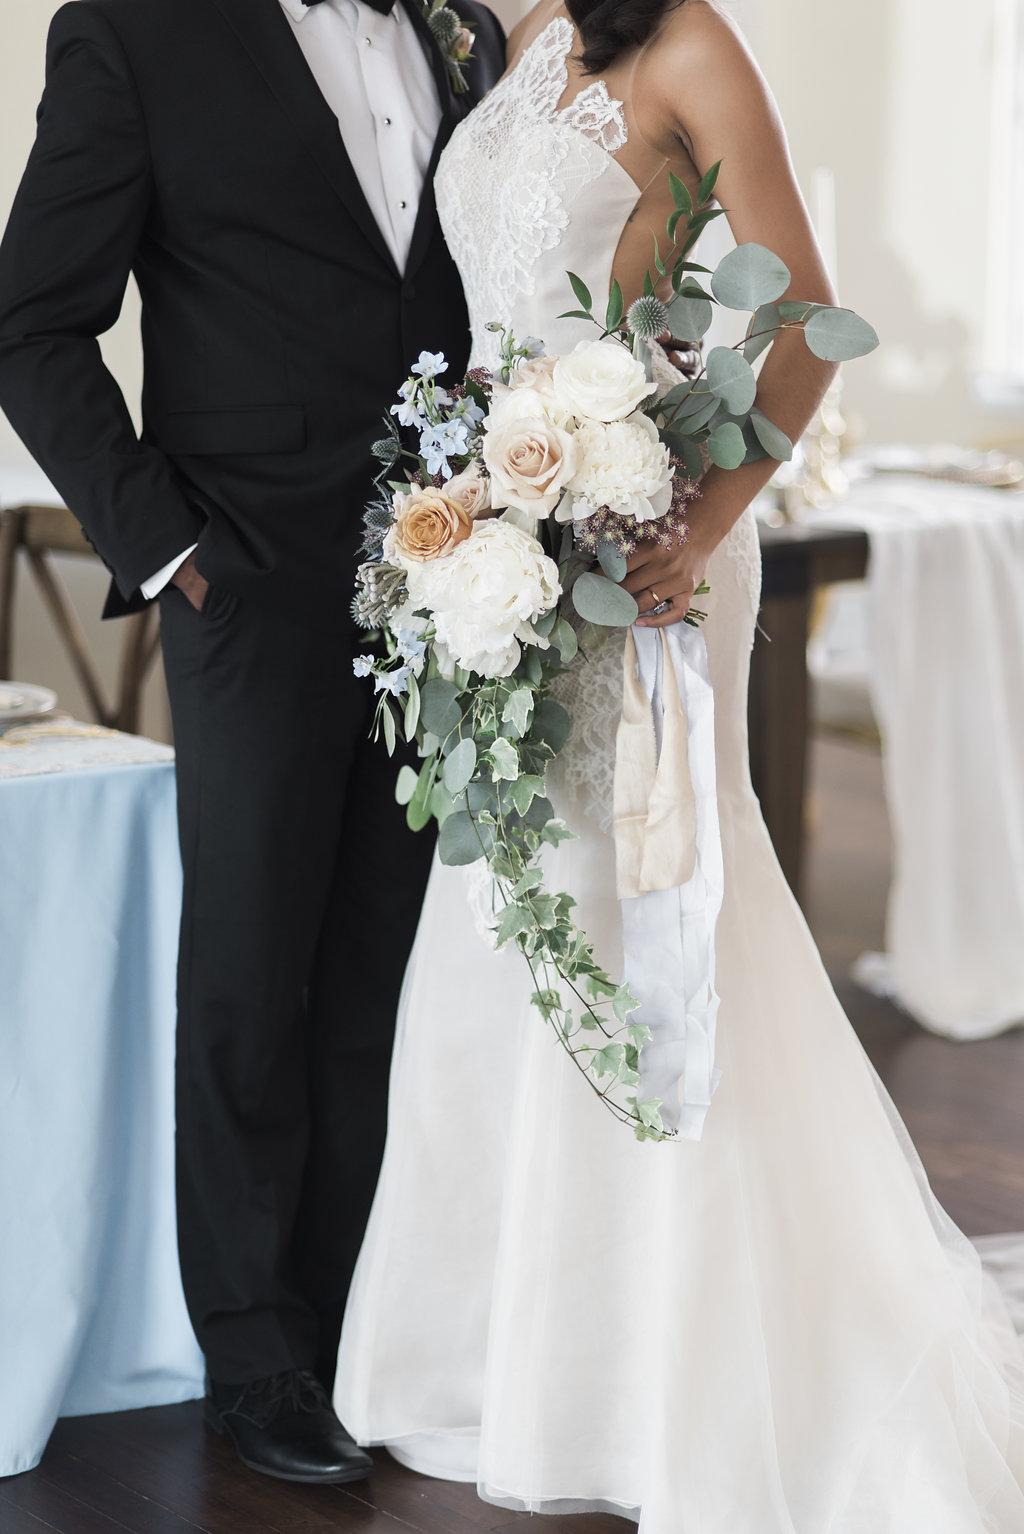 Cream and Beige Wedding Bouquet